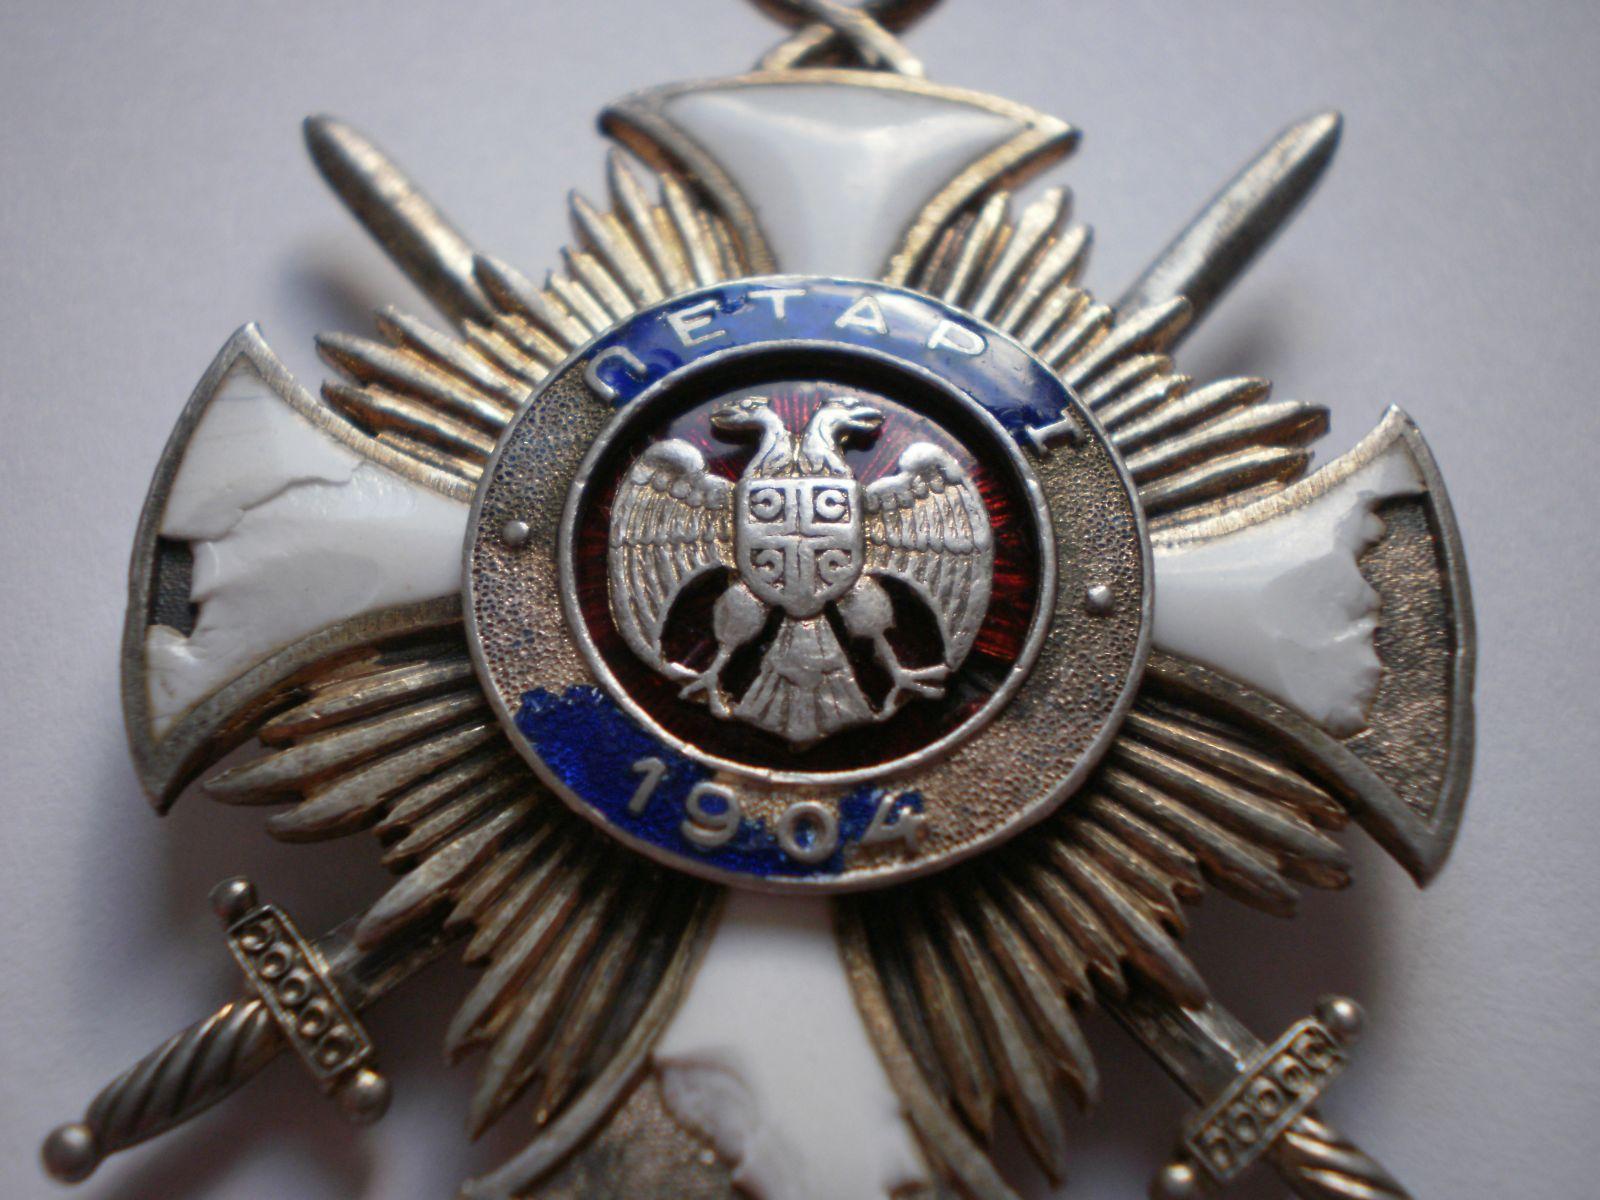 Order of the Star of Karađorđe with Swords